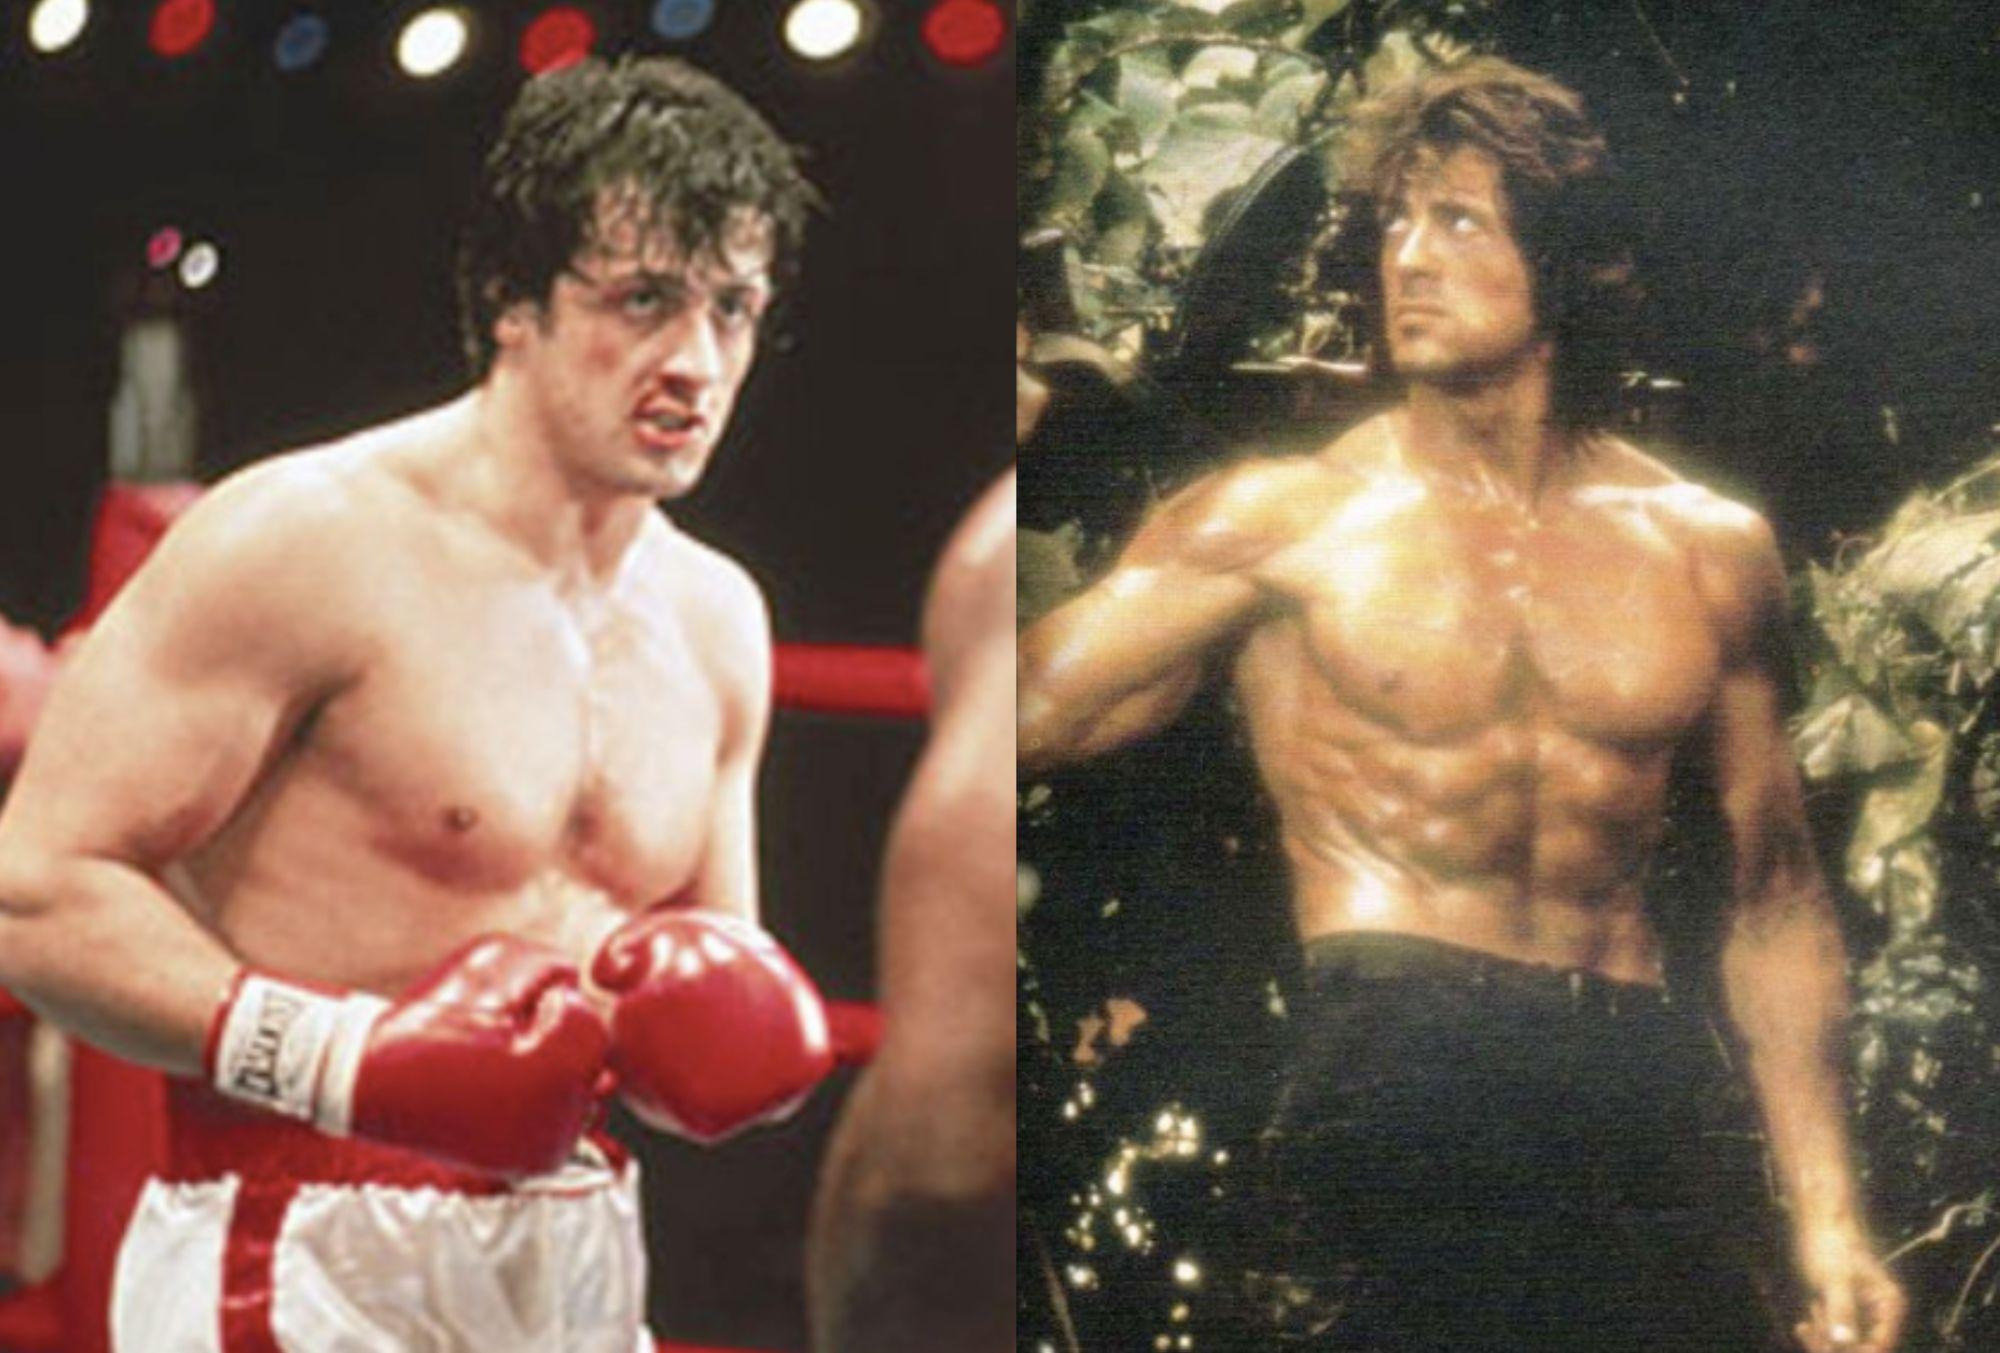 07-Rocky-vs-Rambo-2-bad-comparison